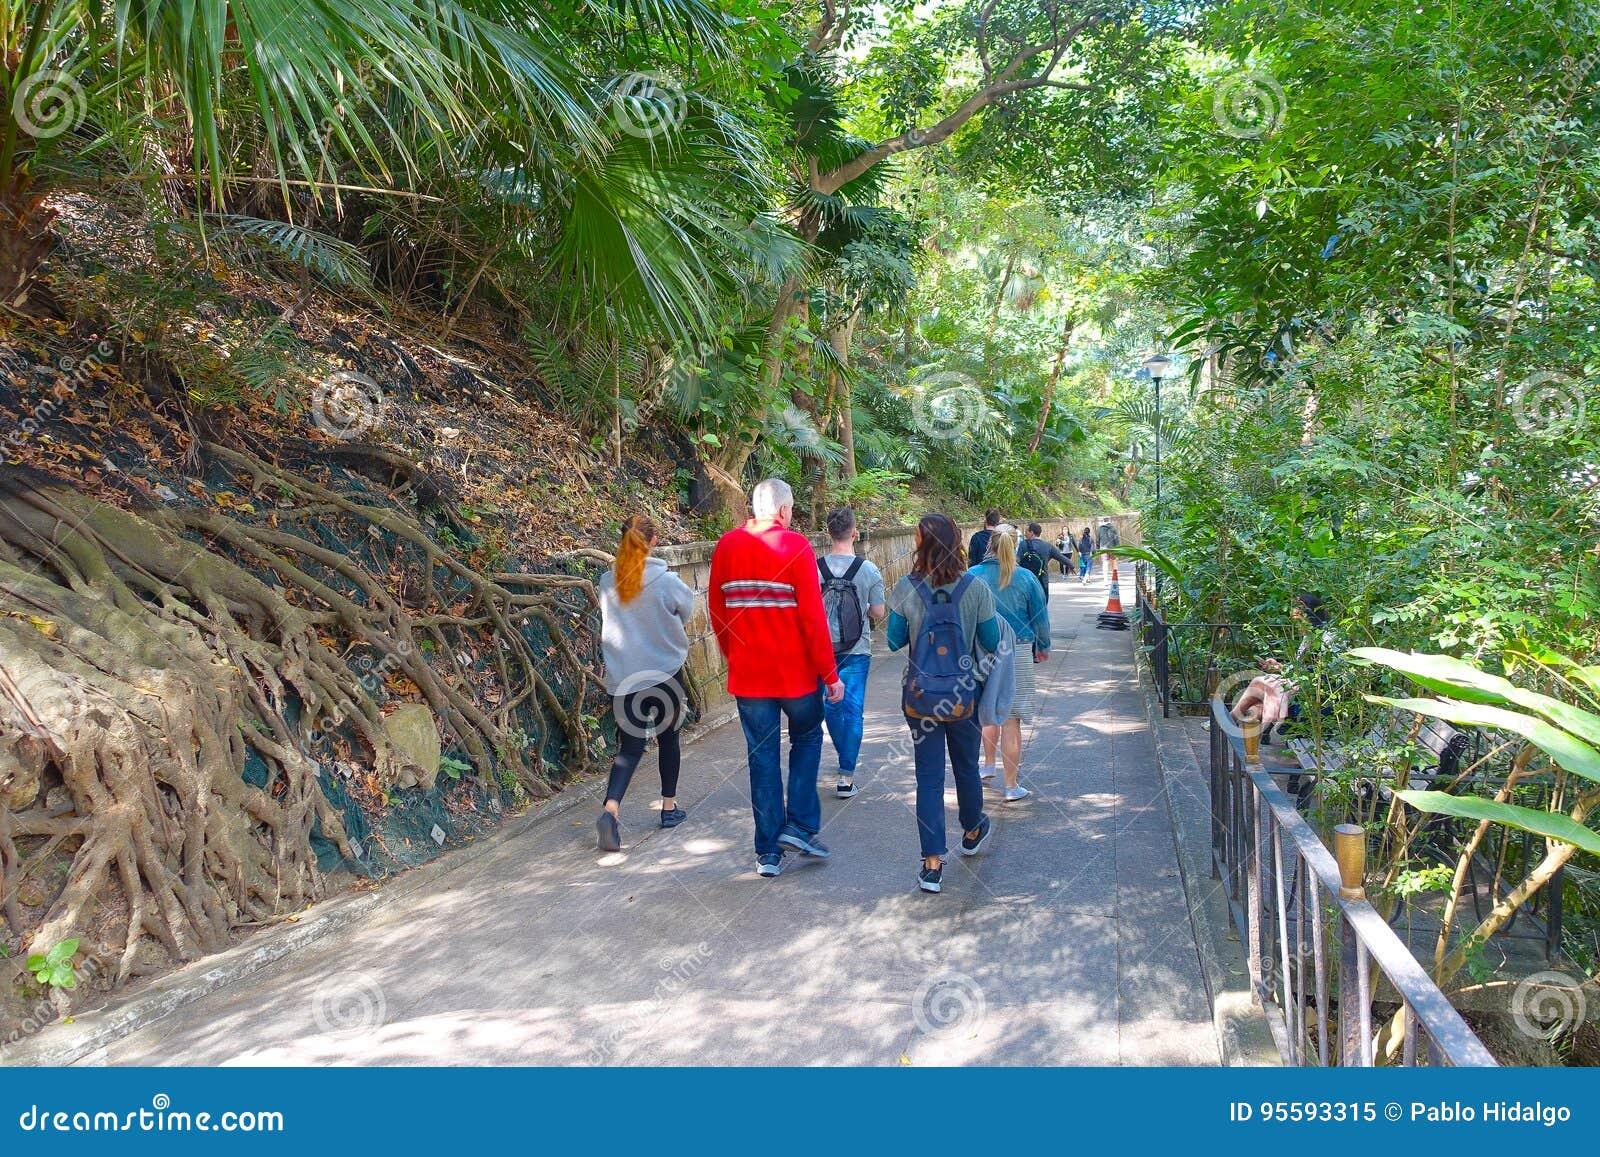 HONG KONG, CHINA - 26. JANUAR 2017: Nicht identifizierte Leute, die innerhalb eines Parks im Wald von Hong Kong, China gehen